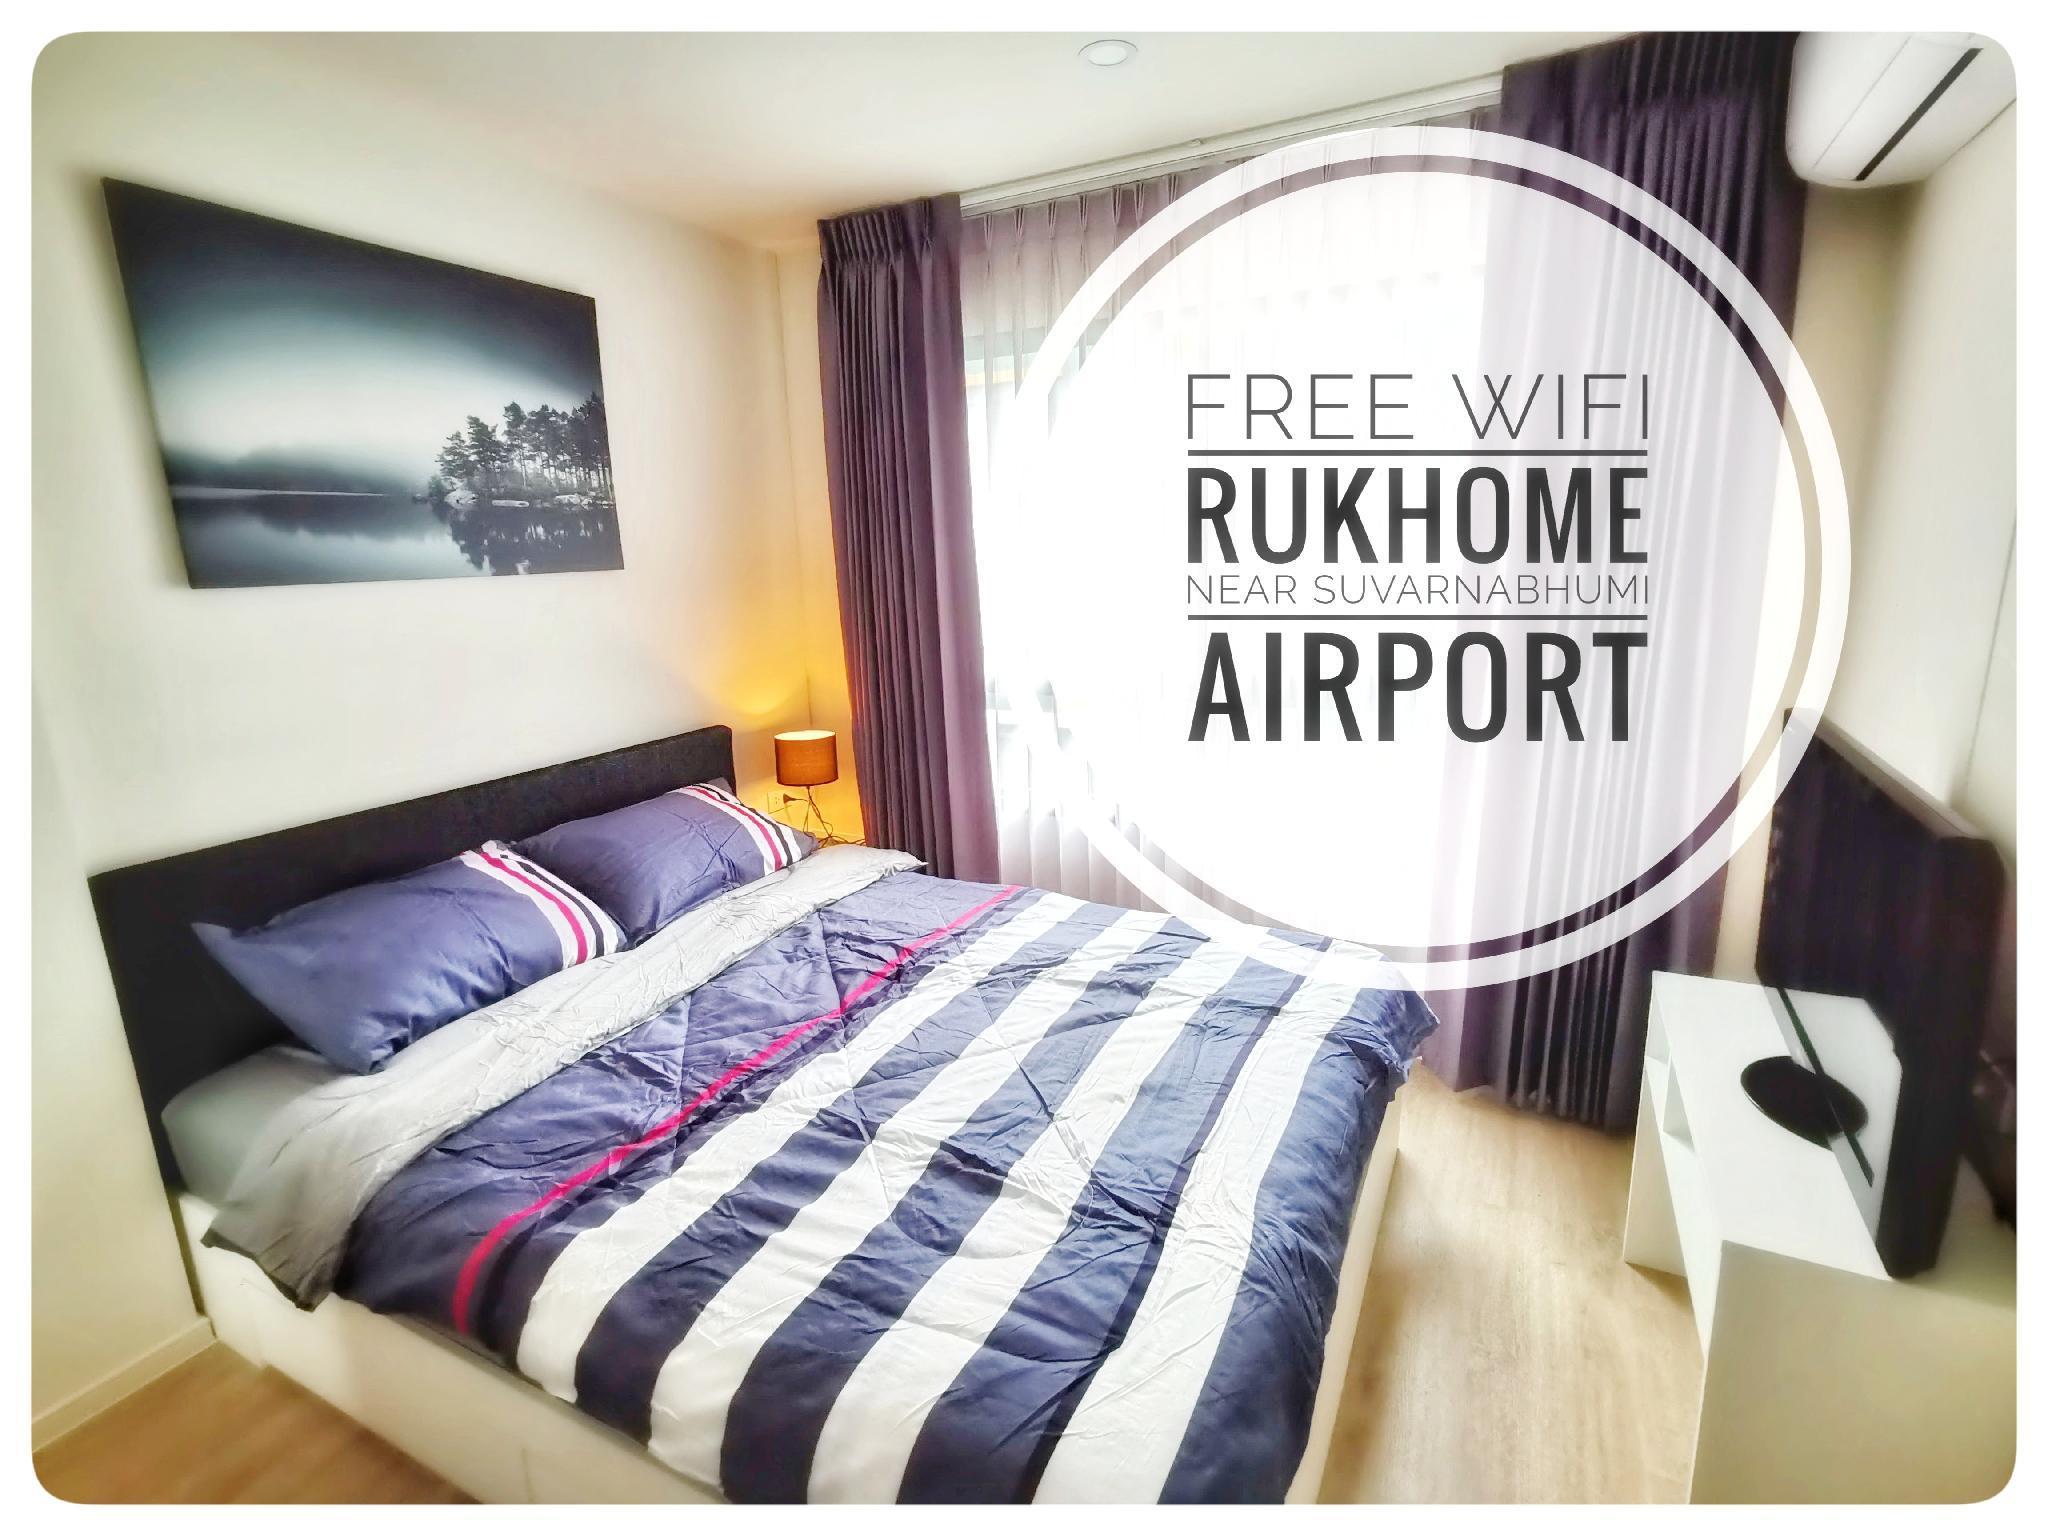 Rukhome Near Suvarnabhumi Airport 10 Mins By Shine